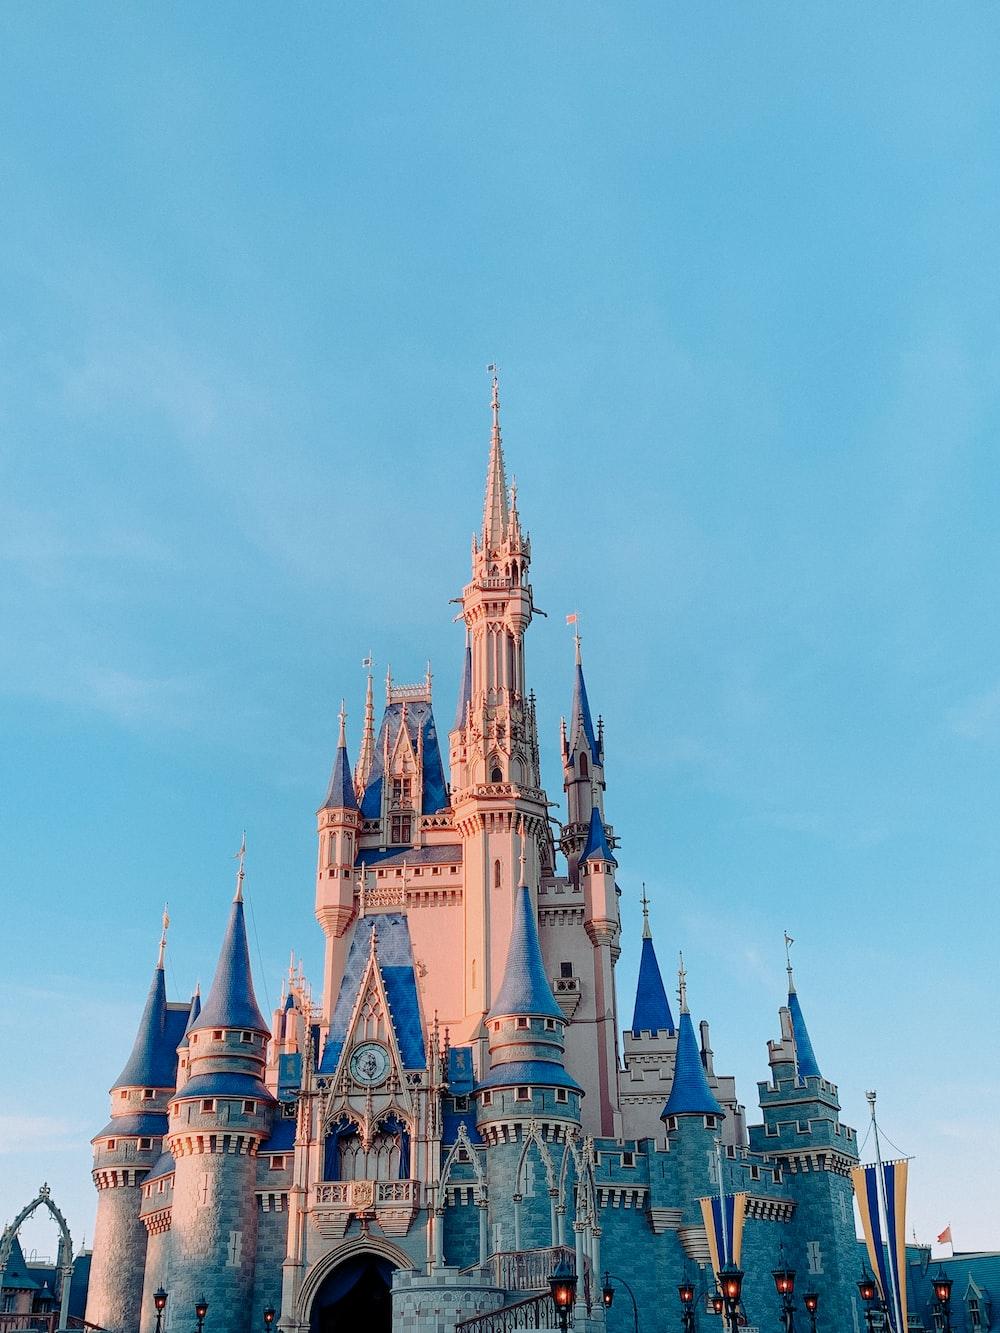 disney castle under blue sky during daytime